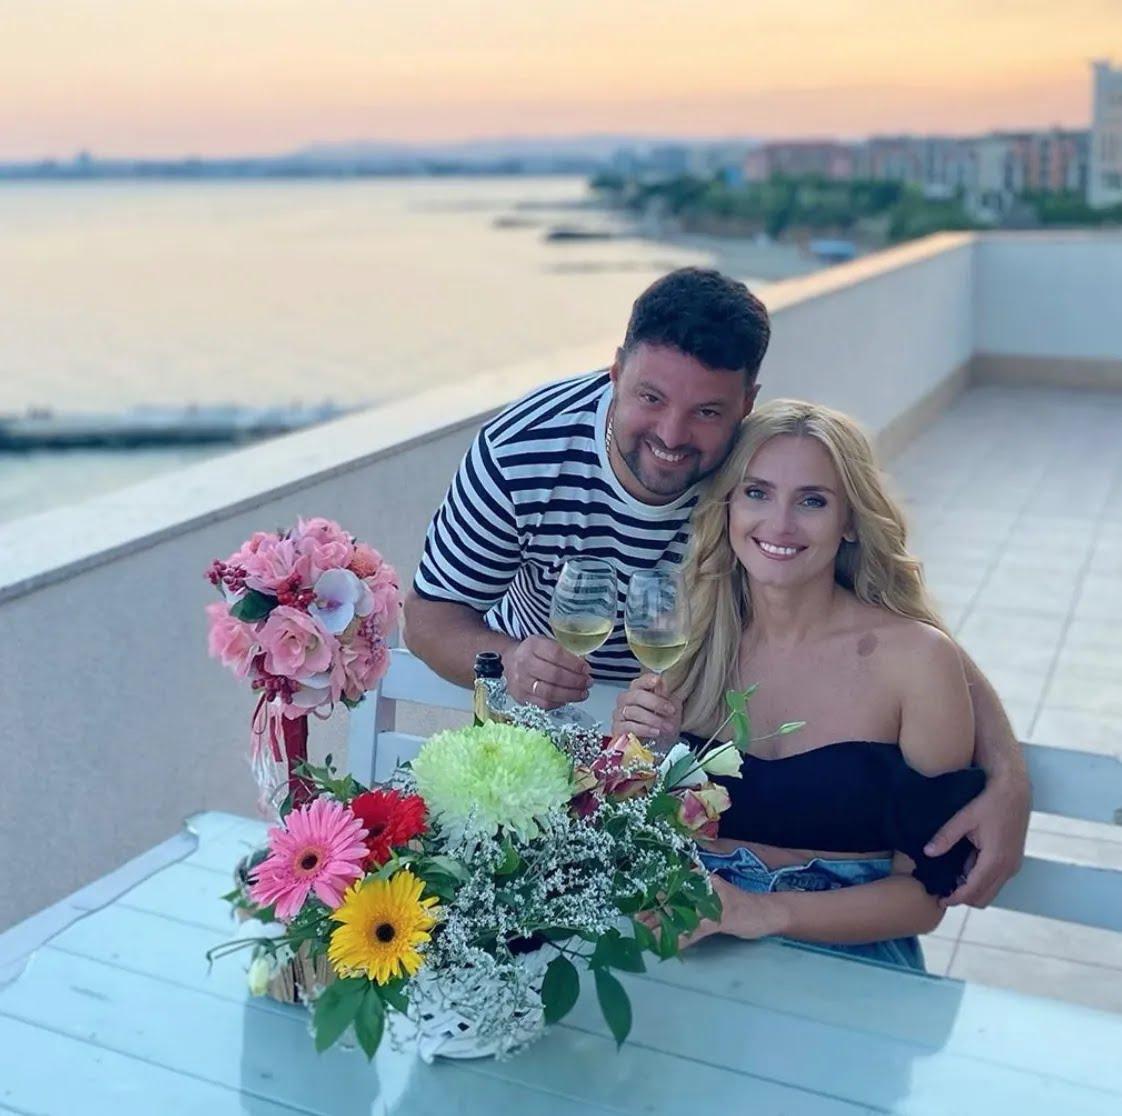 Федишин с мужем отправились в Болгарию